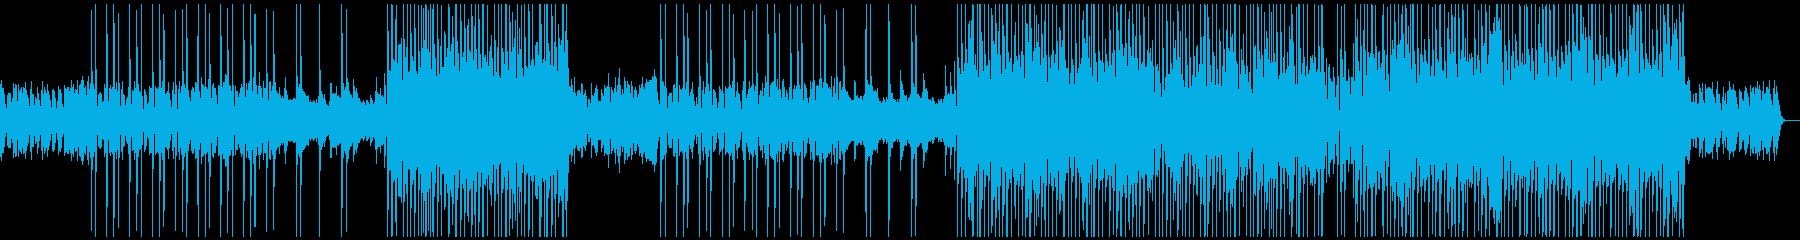 牧歌的な洋楽ポップ/カントリー風BGMの再生済みの波形